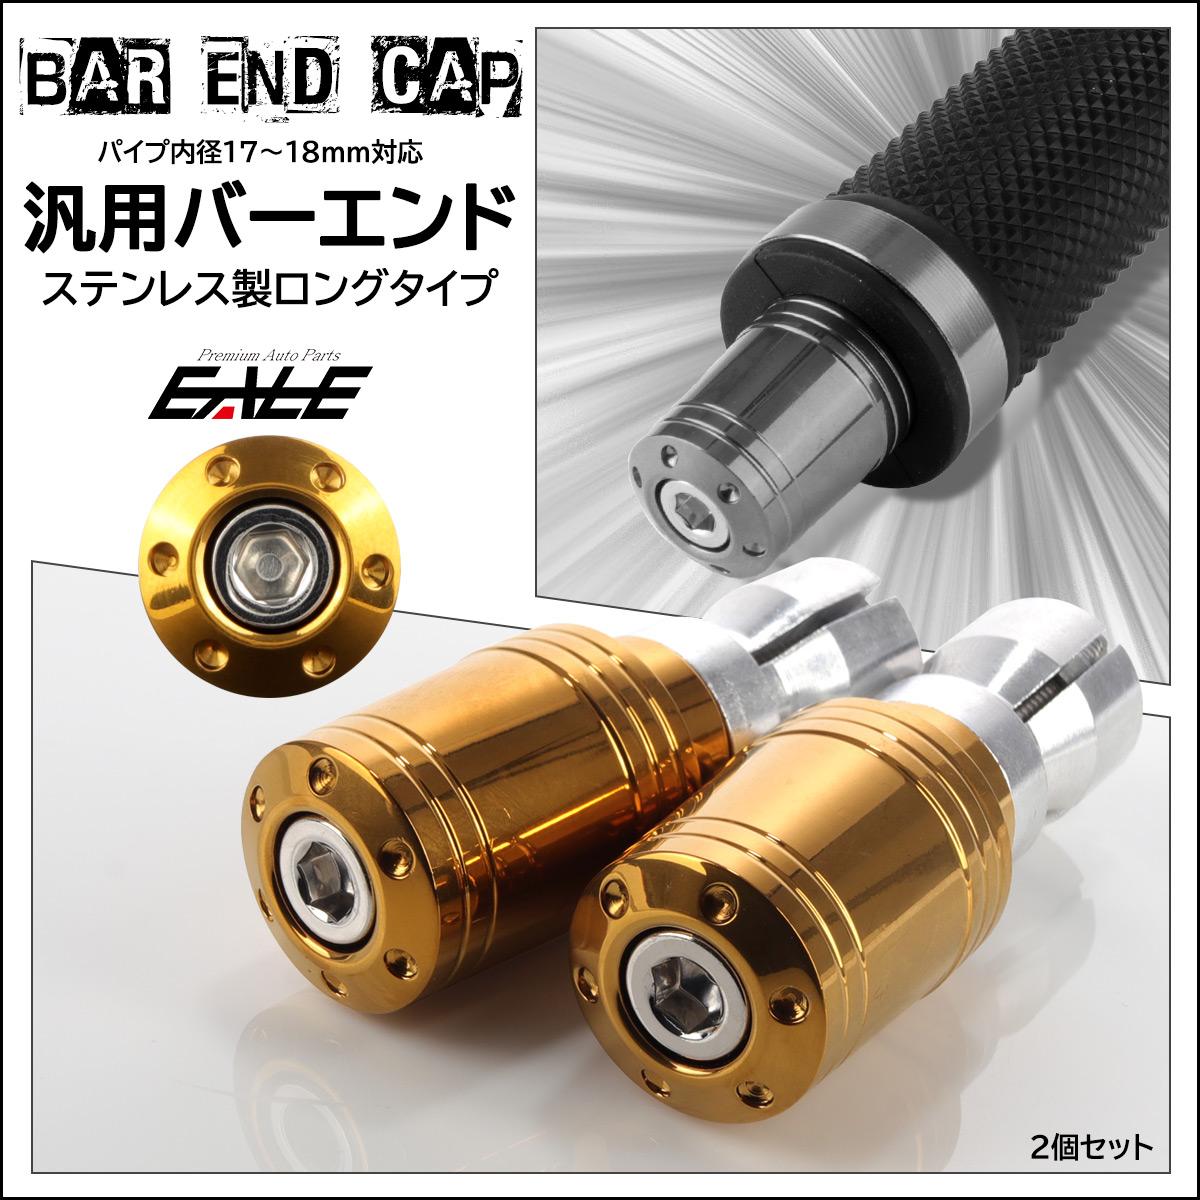 汎用 ステンレス製 バーエンドキャップ グリップエンド 対応ハンドル内径13-18mm ゴールド 2個セット TH0438